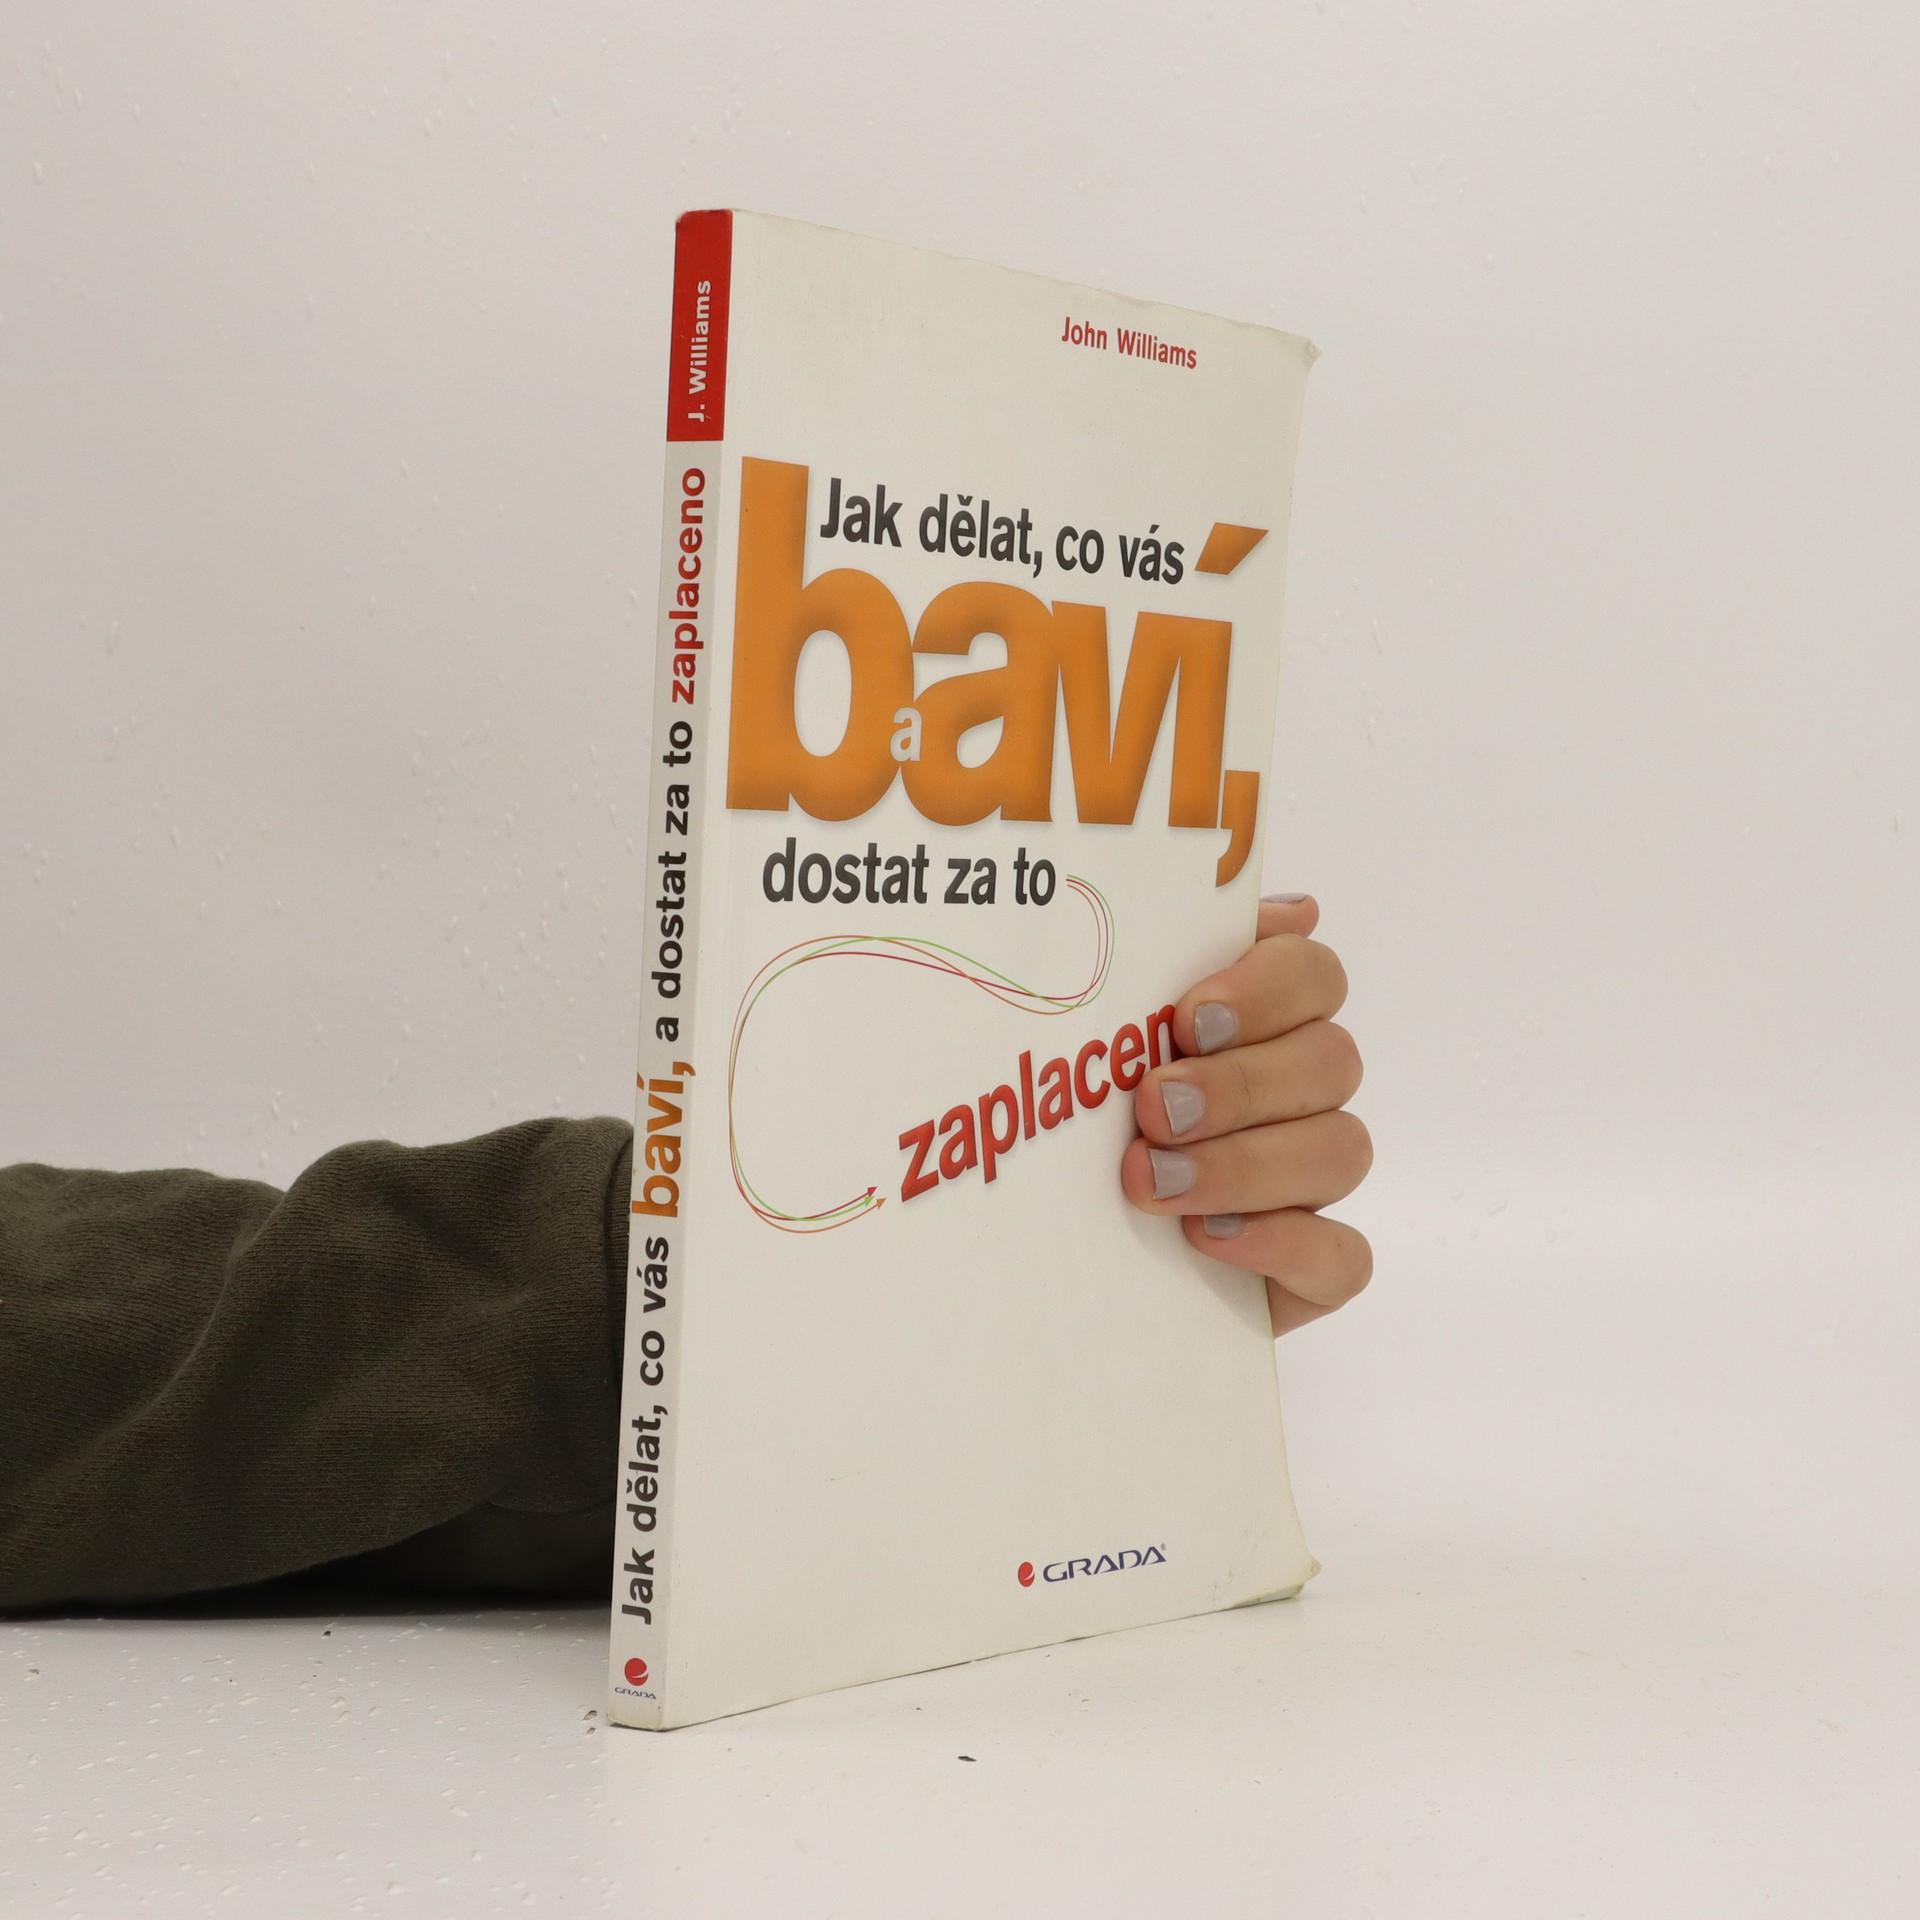 antikvární kniha Jak dělat, co vás baví, a dostat za to zaplaceno, 2012